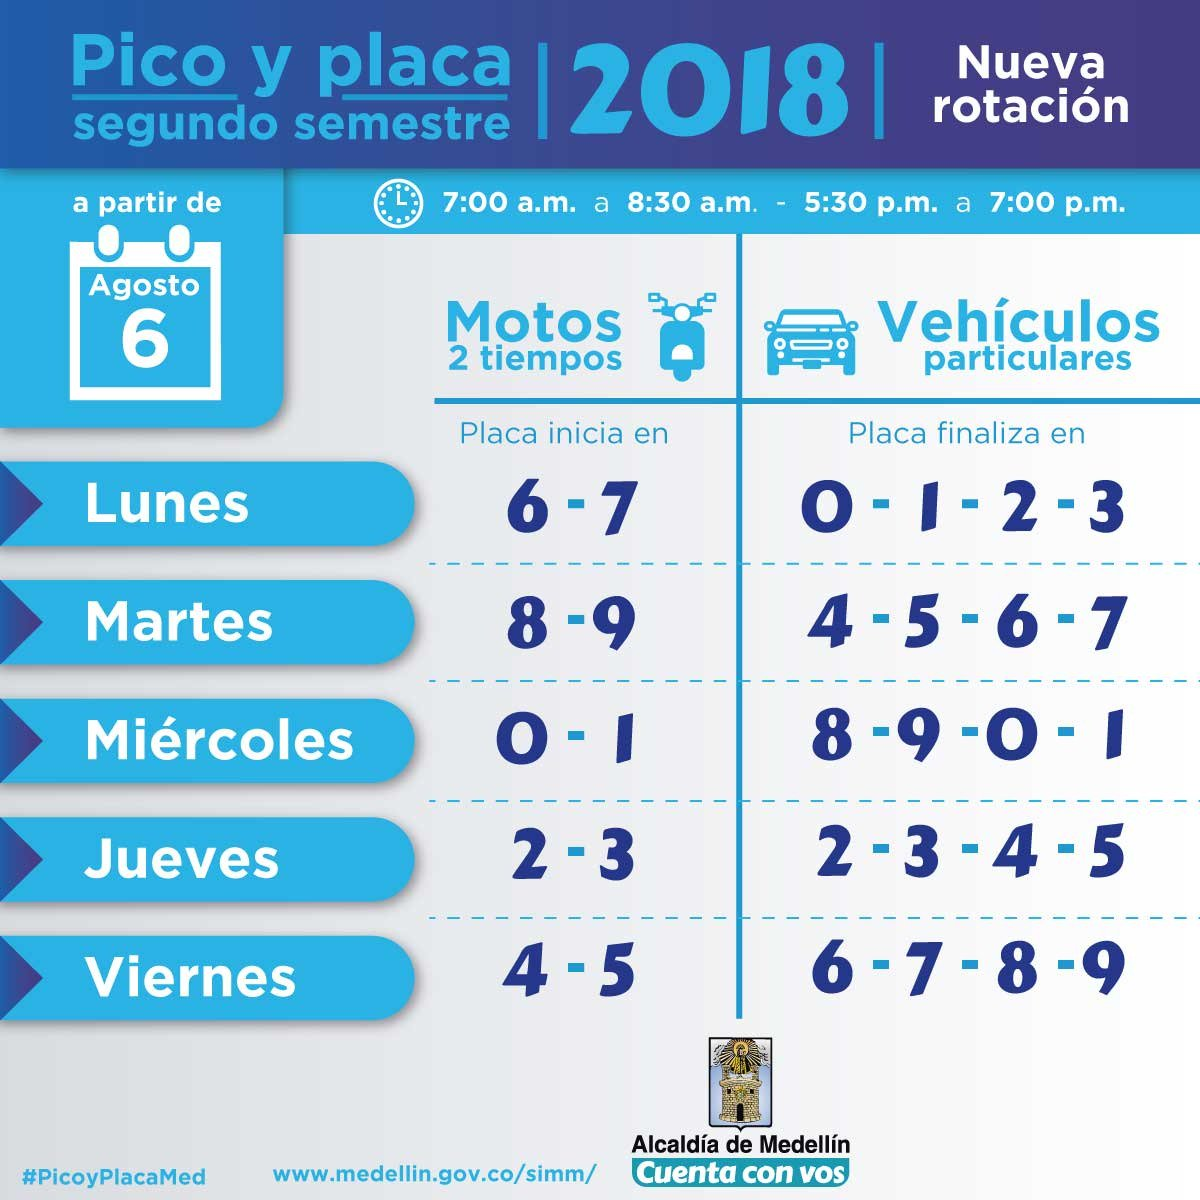 Secretaría de Movilidad de Medellín on Twitter: